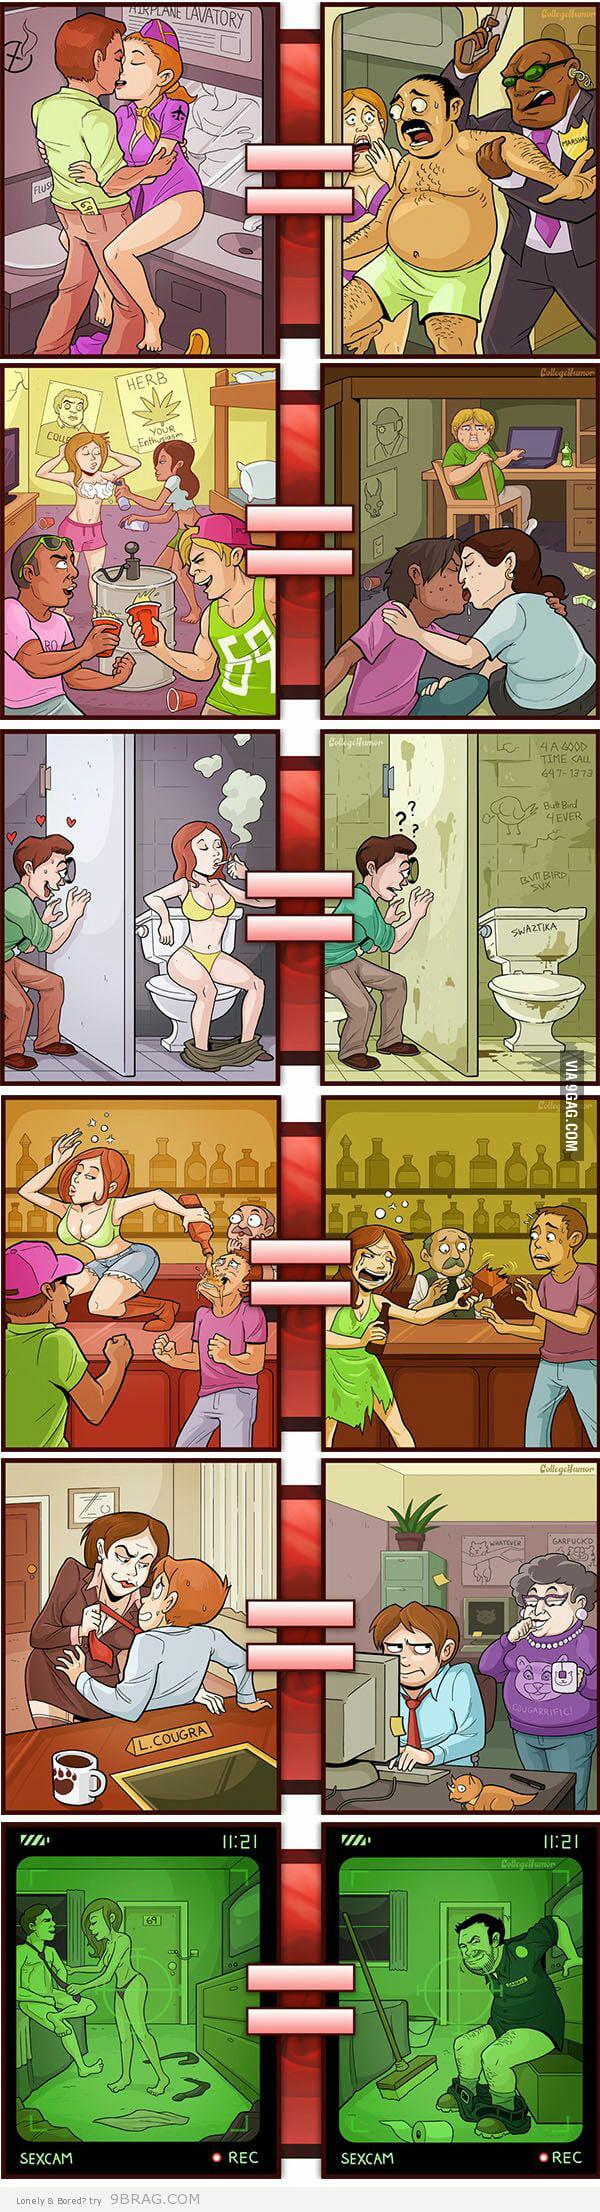 Porn Vs Reality